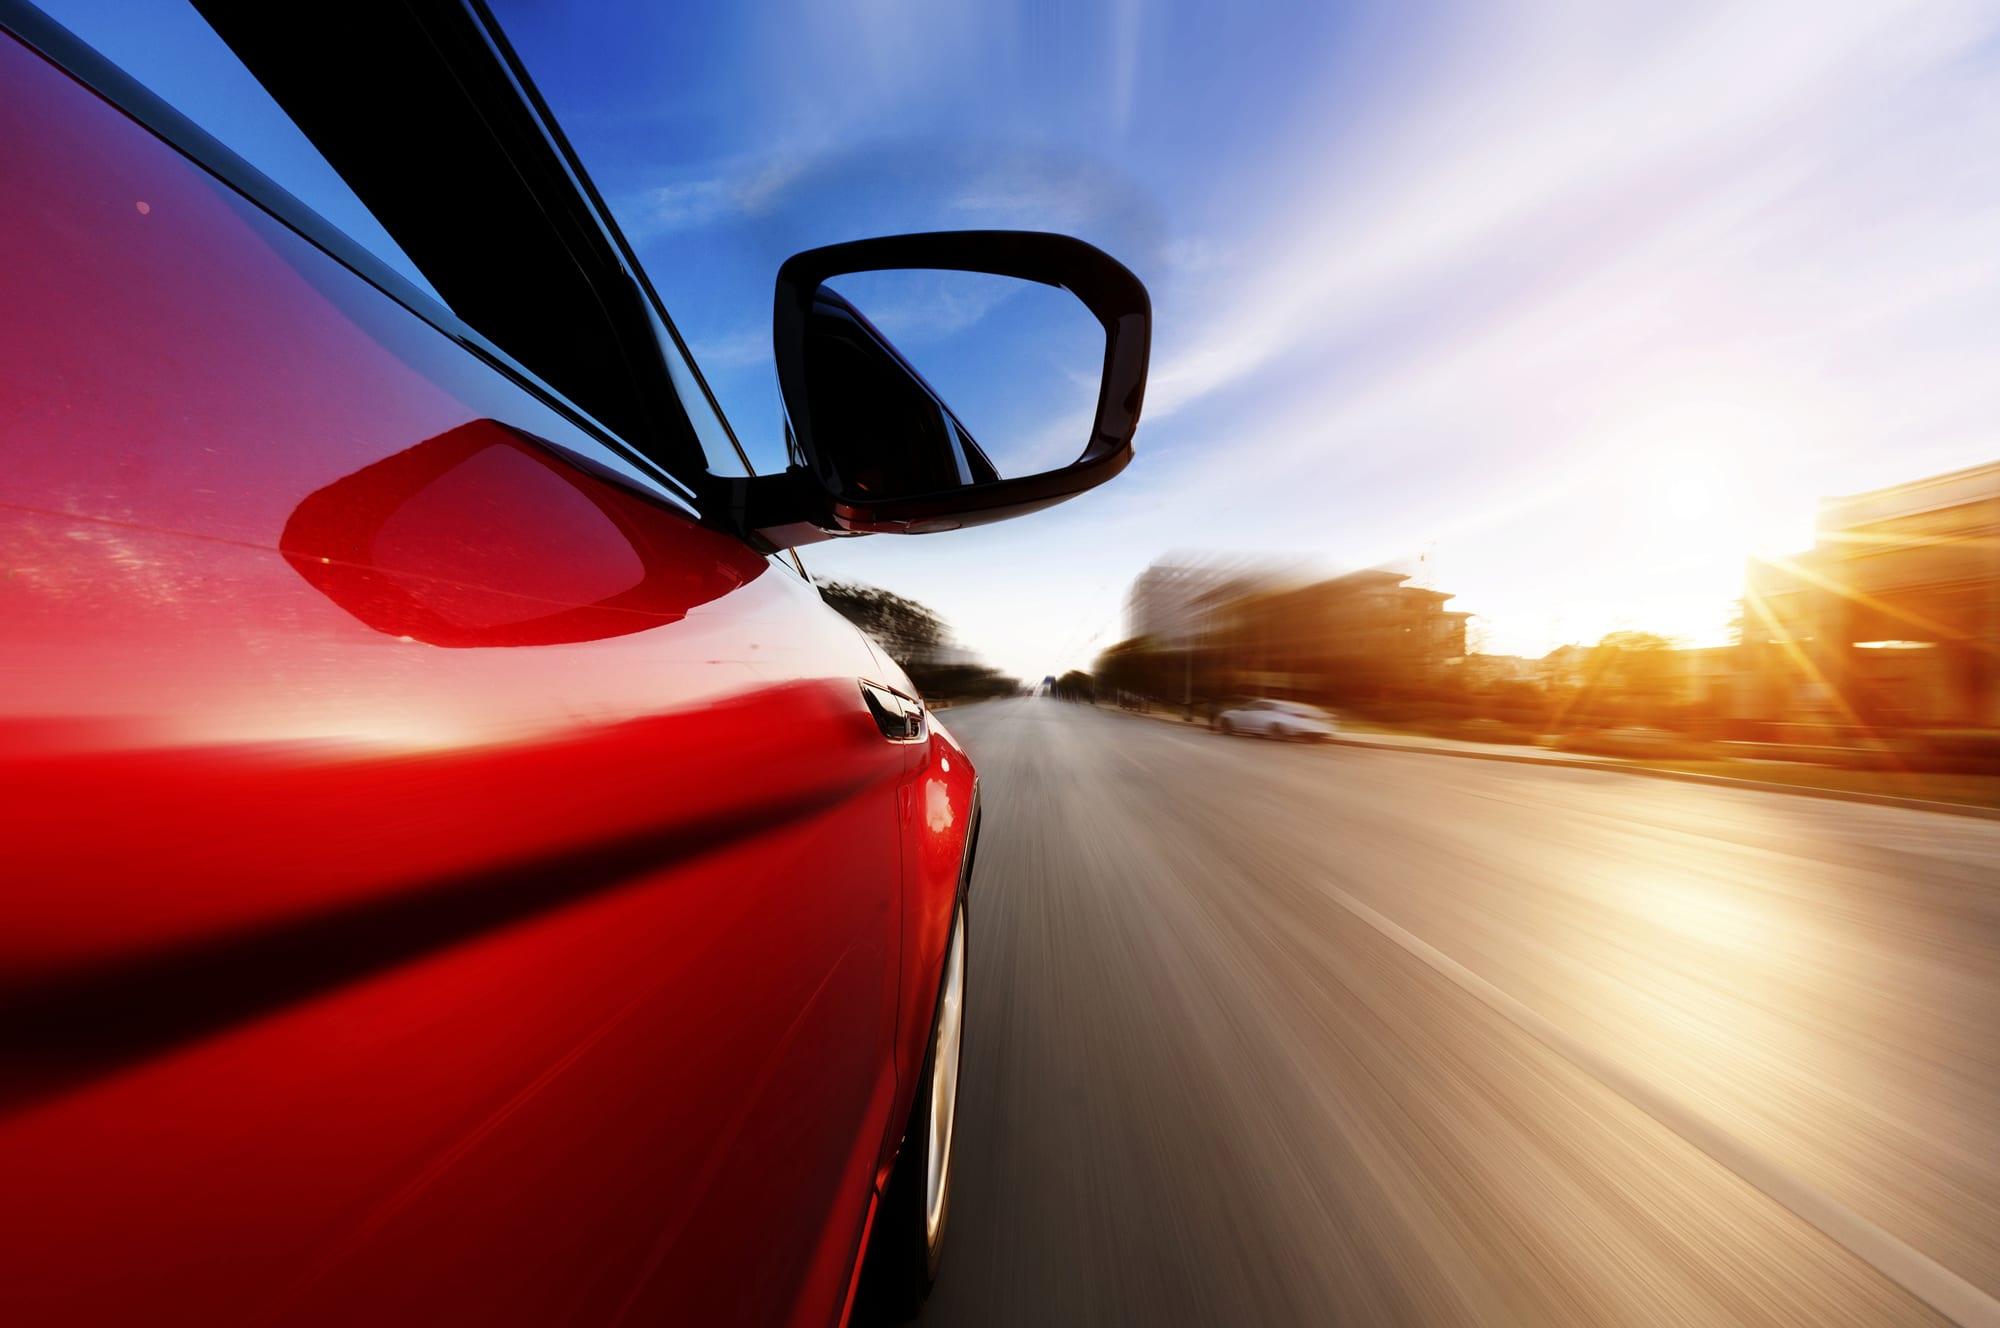 Πόσο επικίνδυνο είναι τελικά το κόκκινο χρώμα στα αυτοκίνητα;